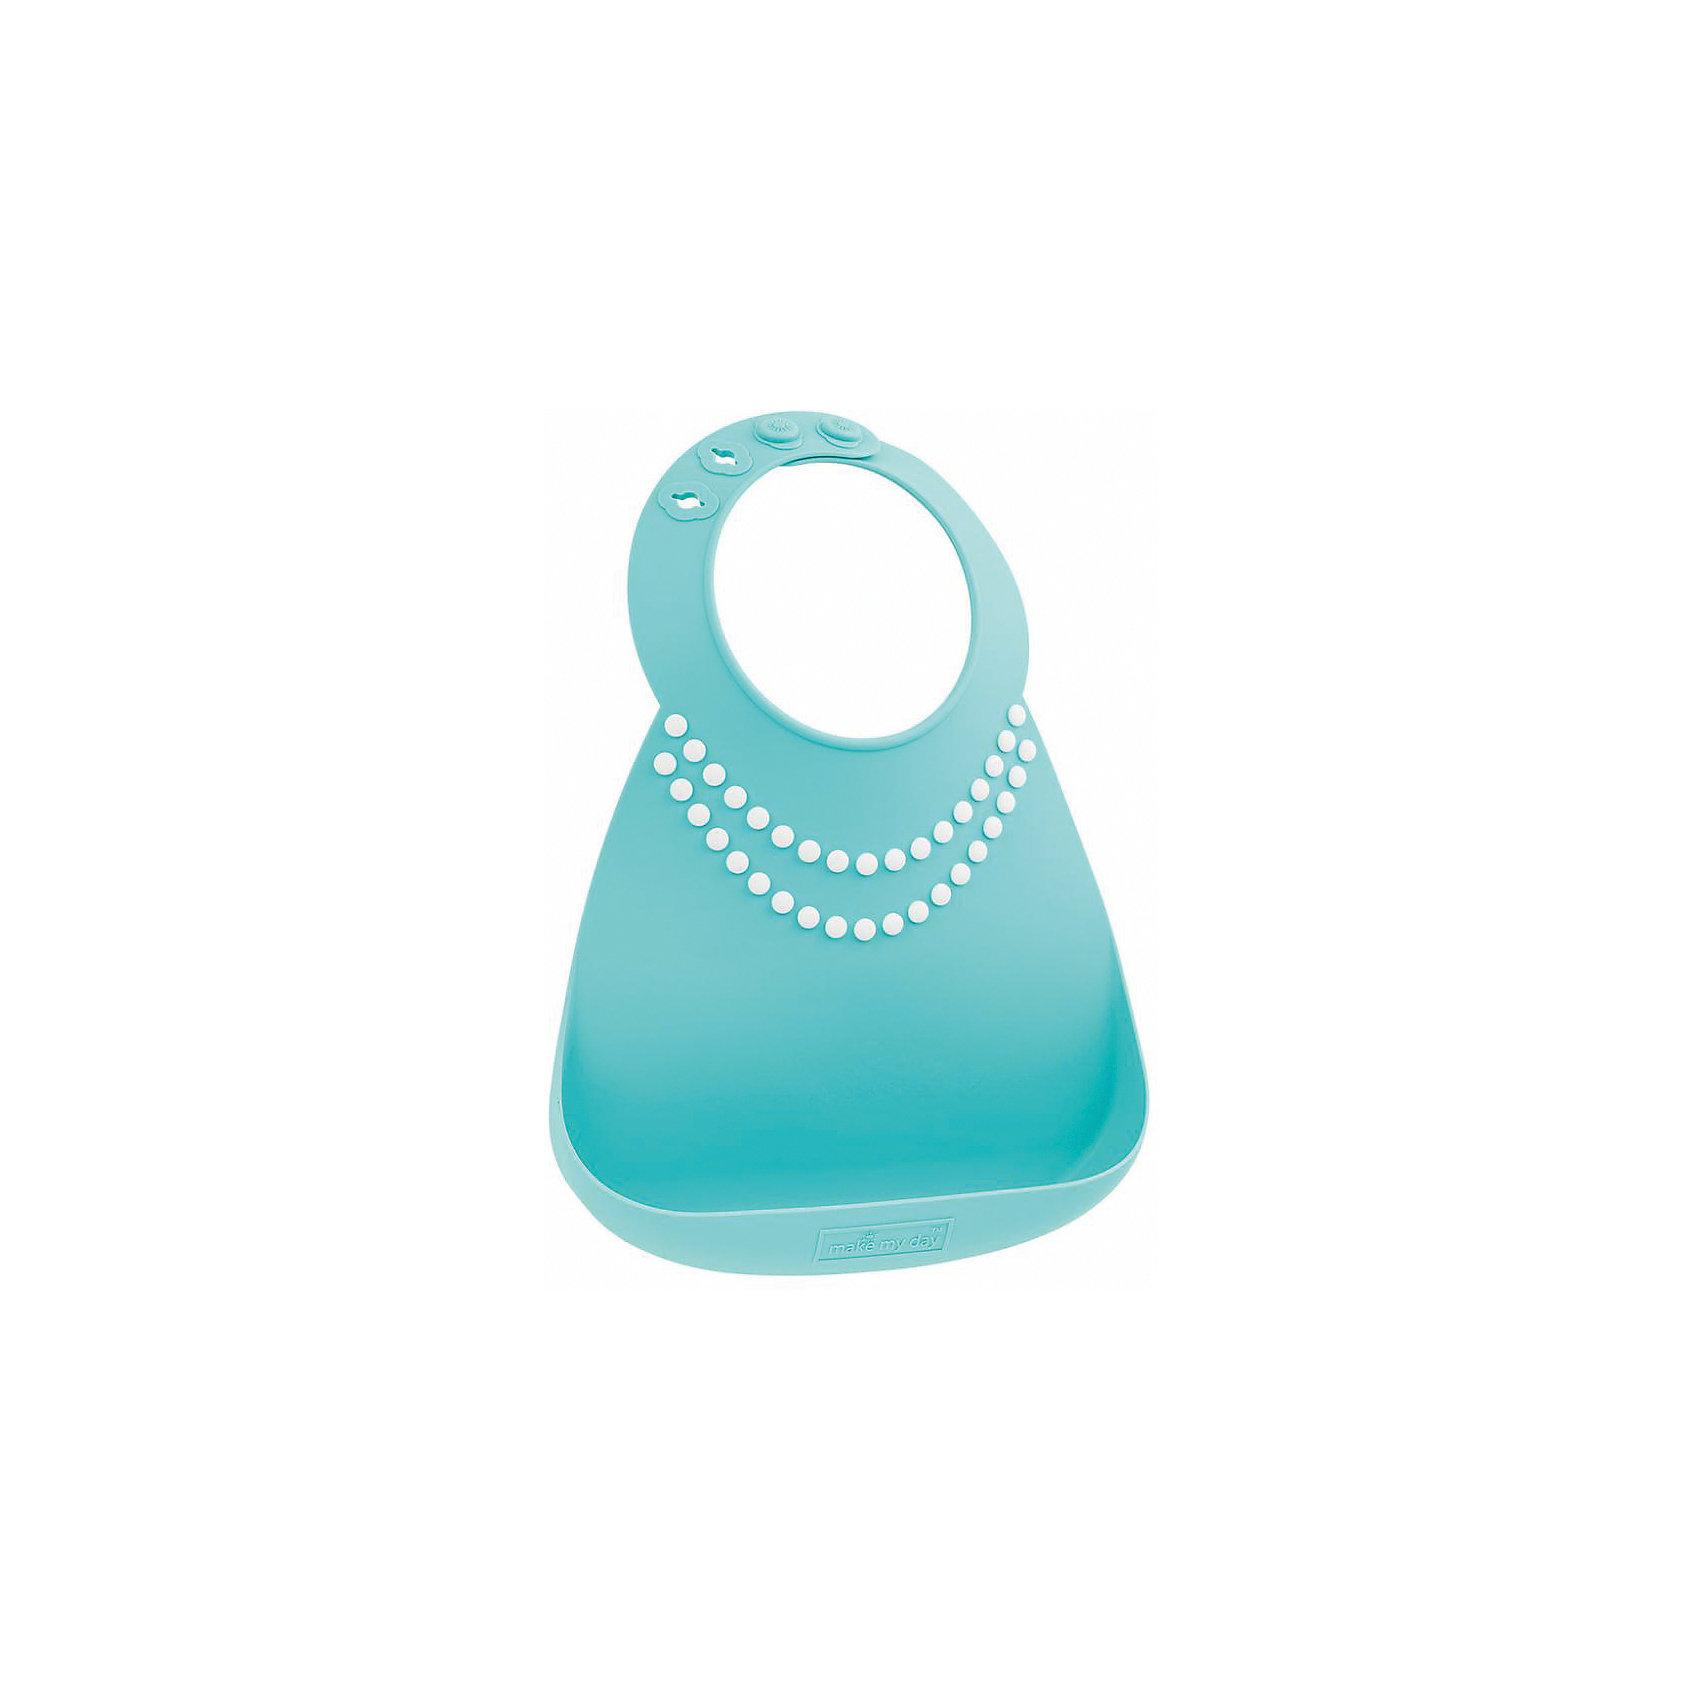 Нагрудник Make my day, голубой/жемчужины (Pearls)Нагрудник Make my day, голубой/жемчужины (Pearls).<br><br>Характеристики:<br>• изготовлен из качественного гипоаллергенного силикона<br>• имеет удобный карман для крошек и кусочков пищи<br>• не содержит фталаты, бисфенол-А и ПВХ<br>• регулируемая застежка<br>• легко моется и подходит для посудомоечной машины<br>• высокая гибкость <br>• оригинальный дизайн<br>• состав: 100% пищевой силикон<br>• размер: 24х21 см<br>• размер упаковки: 24,5x21x4,5 см<br>• цвет: голубой/белый<br><br>Нагрудник Make my day изготовлен из высококачественного пищевого силикона и имеет регулируемую застежку, благодаря чему нагрудник не натирает нежную кожу шеи малыша. Вместительный карман снизу защитит одежду ребенка от попадания воды и пищи. Высокая гибкость нагрудника делает его компактным для хранения. Нагрудник легко отмывается водой с мылом или в посудомоечной машине. Приятный дизайн в виде ожерелья из жемчуга порадует и малыша, и взрослых. С таким очаровательным нагрудником каждый прием пищи будет в радость!<br><br>Нагрудник Make my day, голубой/жемчужины (Pearls) можно купить в нашем интернет-магазине.<br><br>Ширина мм: 210<br>Глубина мм: 45<br>Высота мм: 245<br>Вес г: 289<br>Возраст от месяцев: 0<br>Возраст до месяцев: 36<br>Пол: Женский<br>Возраст: Детский<br>SKU: 5068723